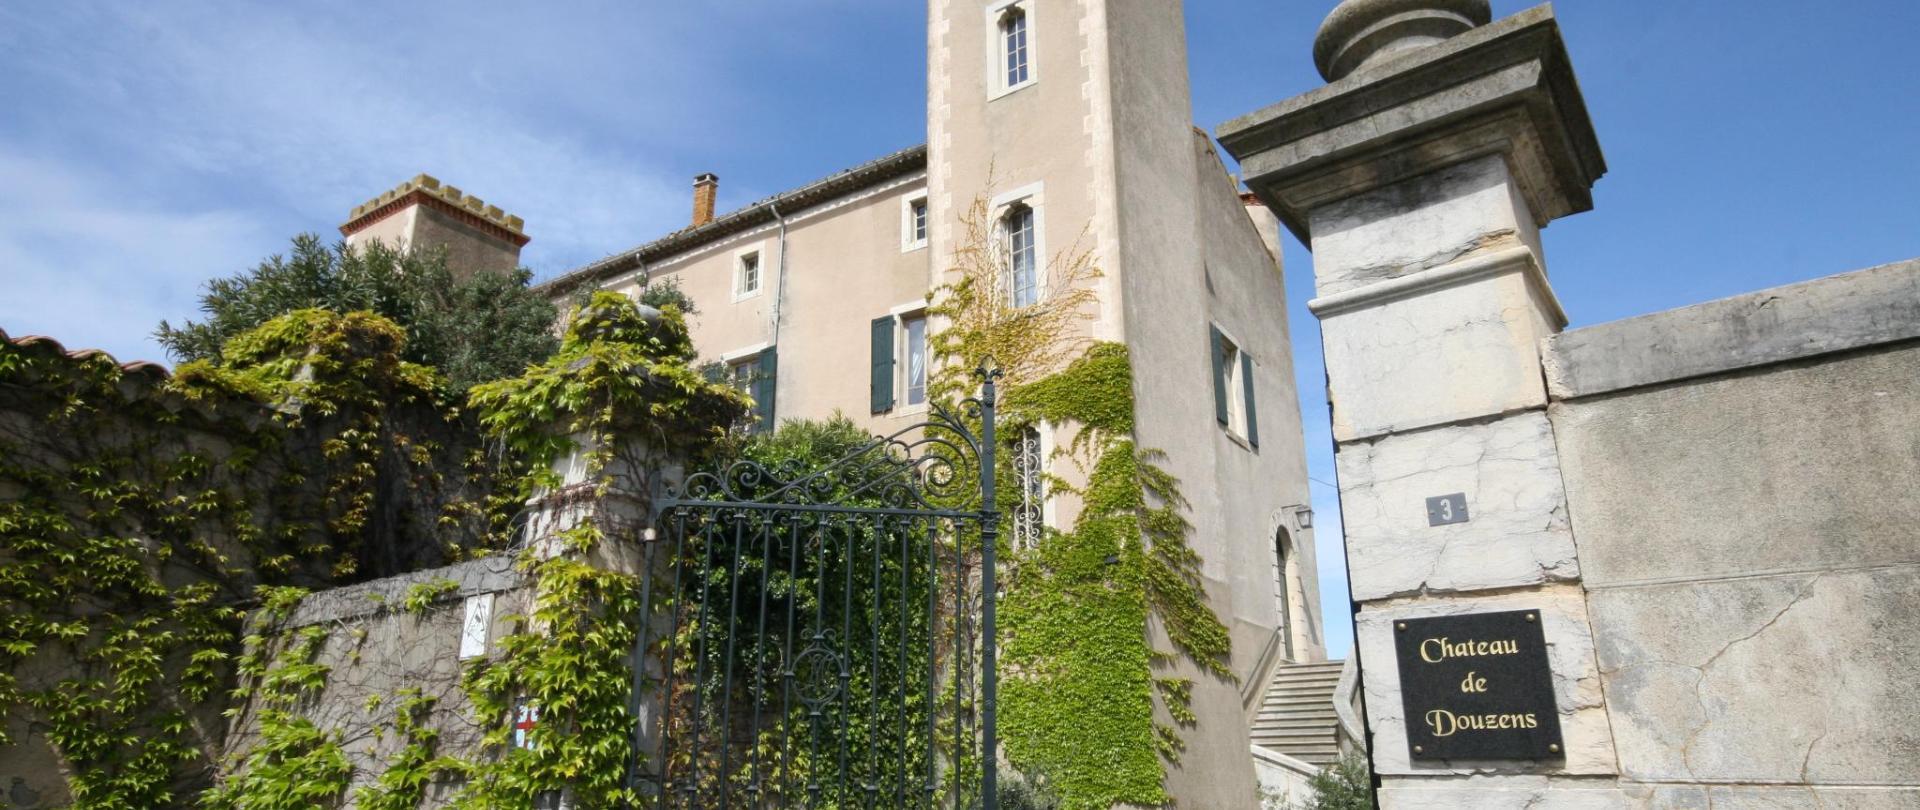 Chateau de Douzens